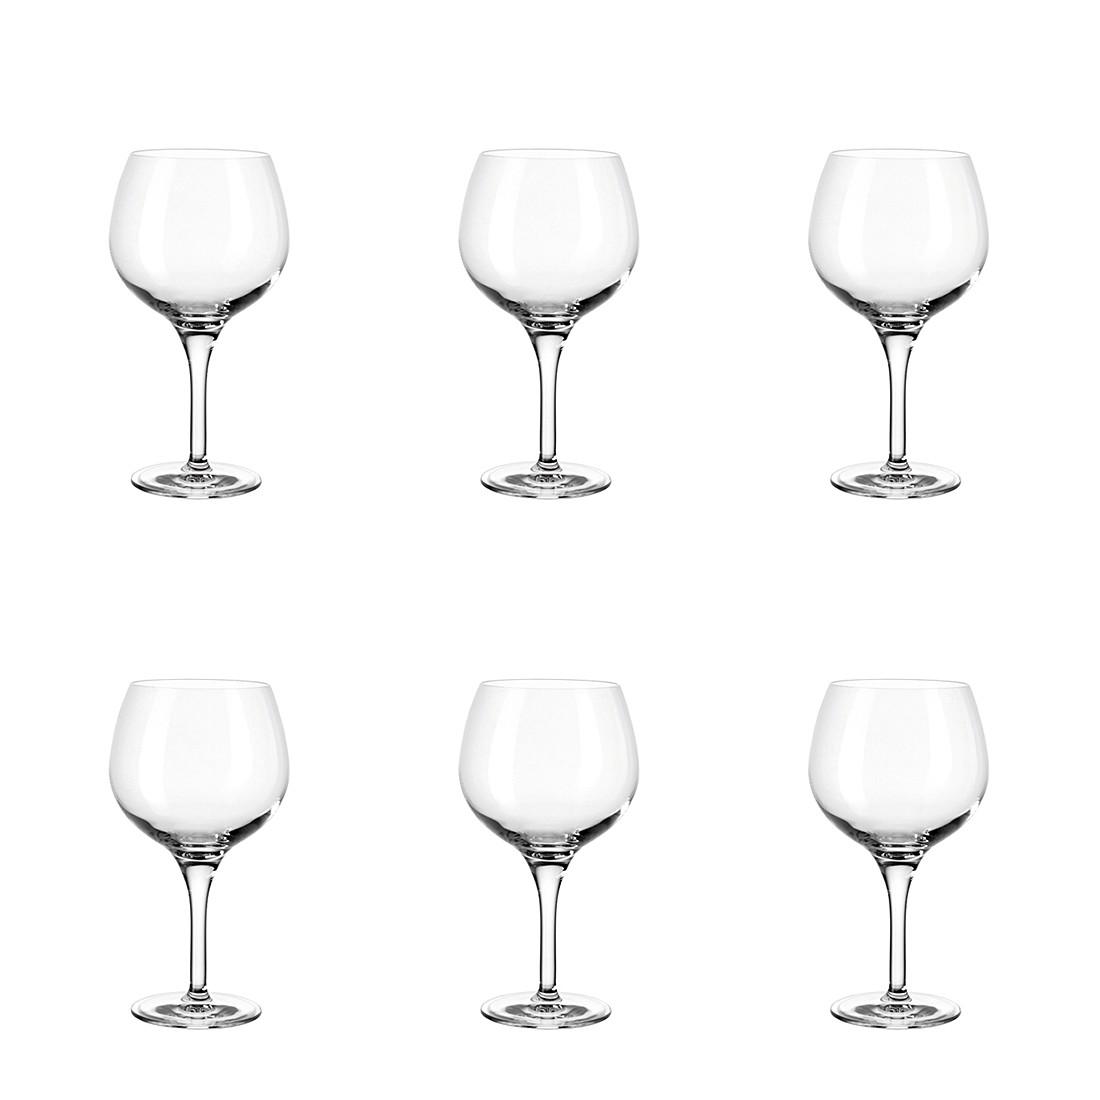 Burgundergläser Fratelli (6er-Set) – 600 ml, Leonardo bestellen